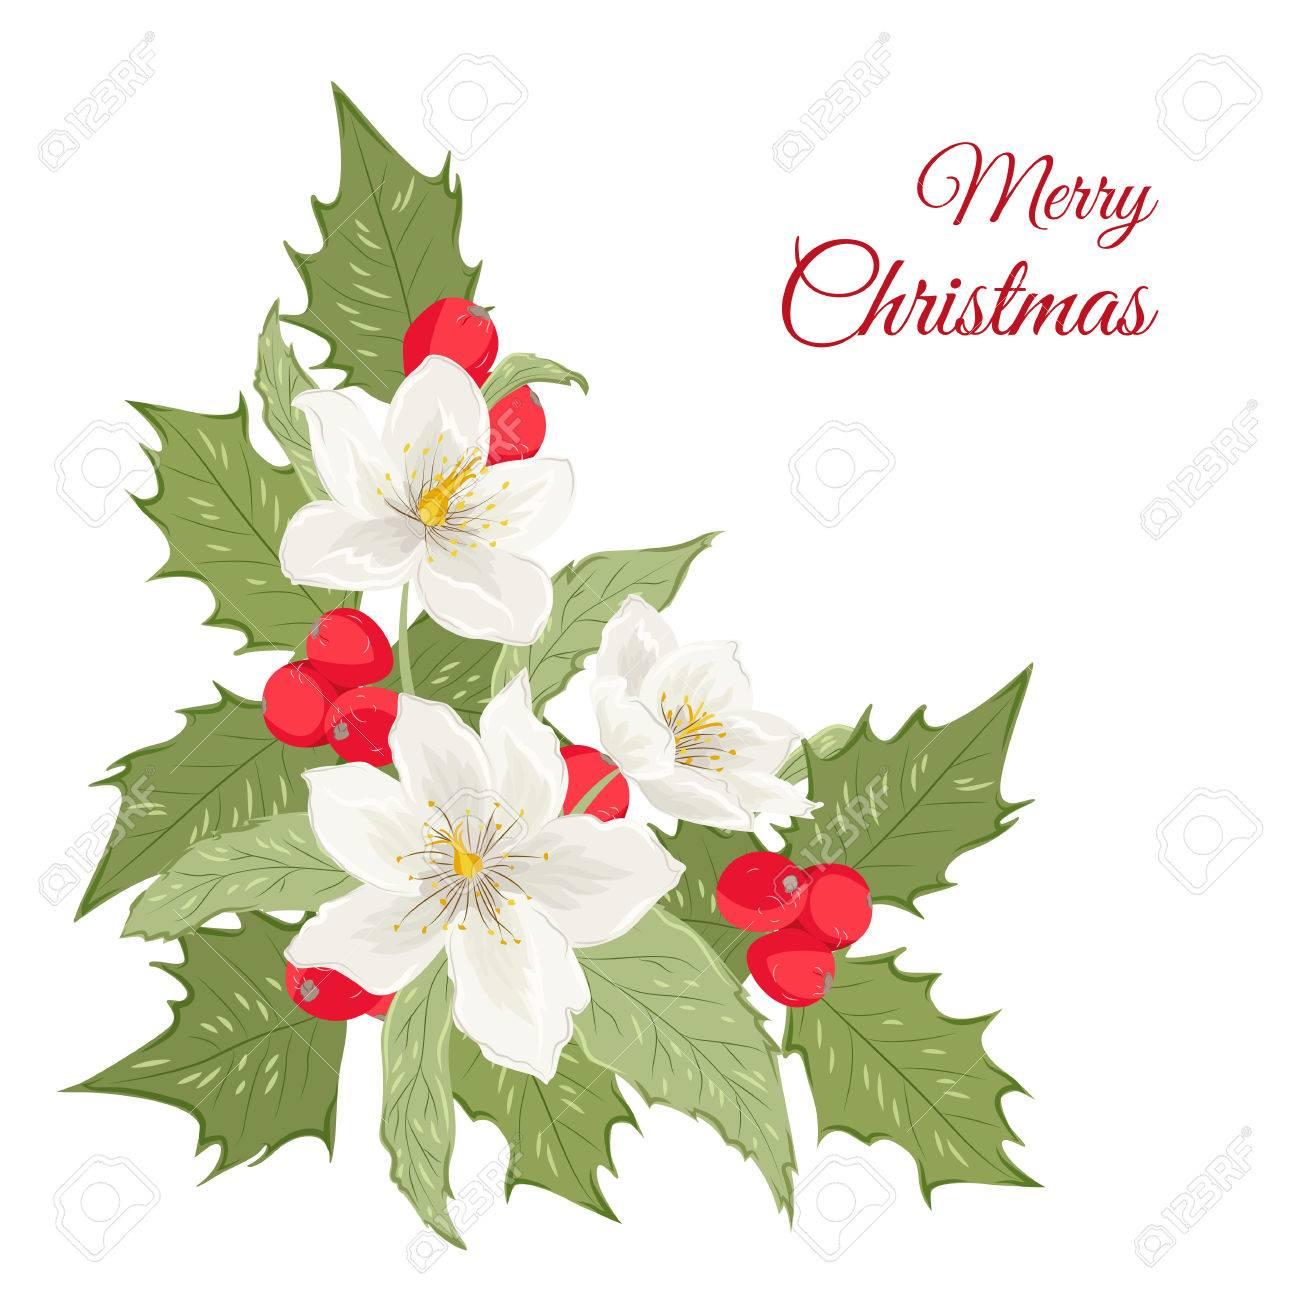 Isolierte Bouquet Von Nieswurz Winter Rosenblüten Und Mistel Holly ...